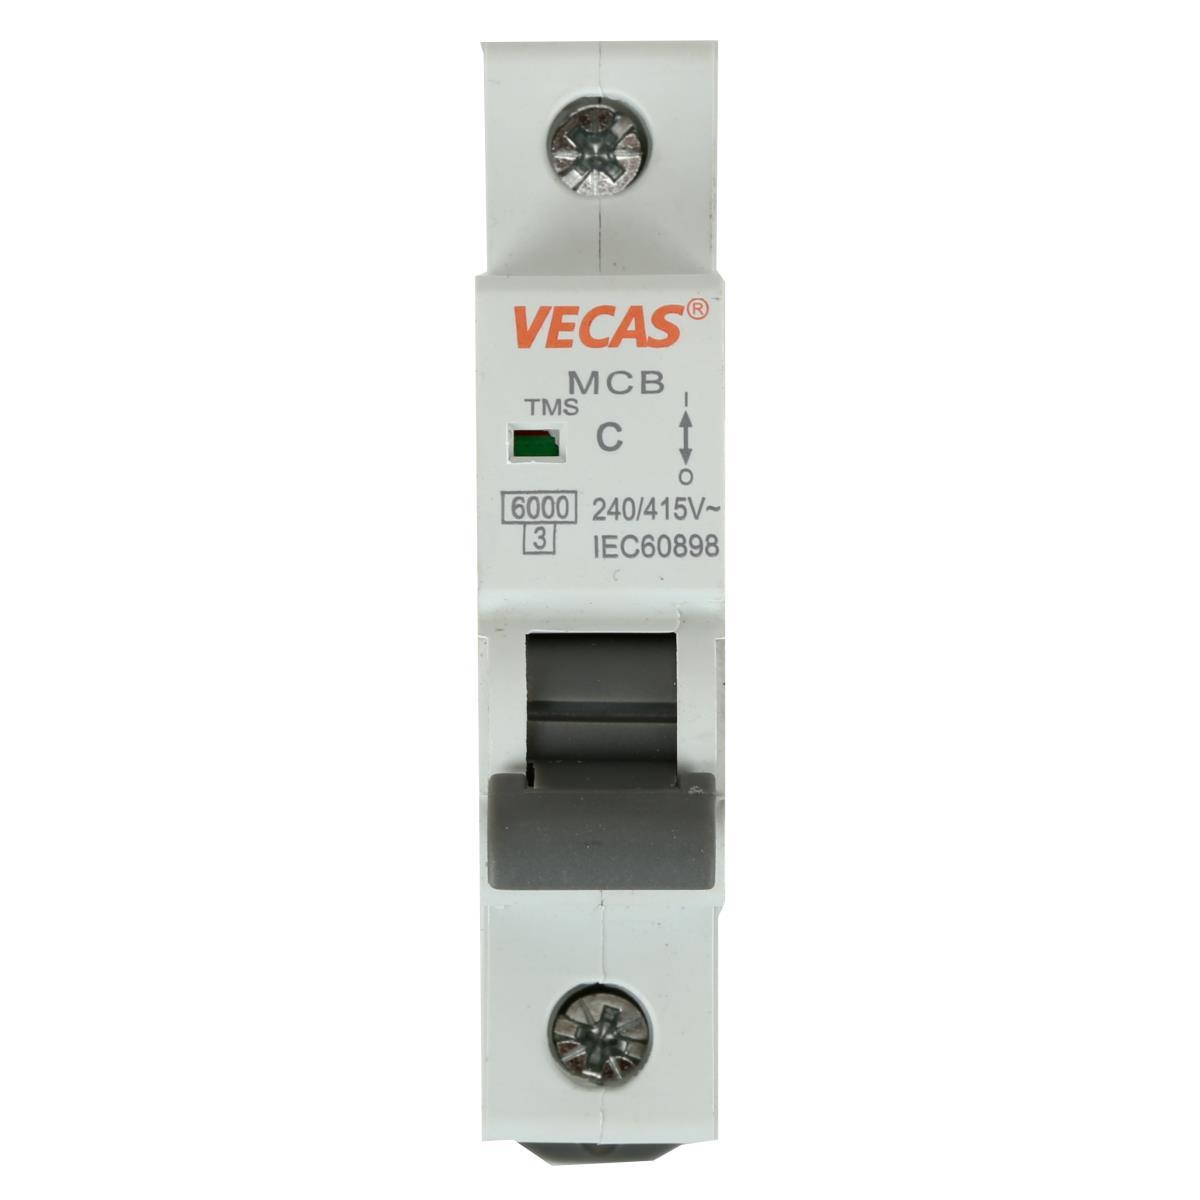 Leitungsschutzschalter Sicherungsautomat  C, 1-polig, 25A LS-Schalter,Vecas,L7-25-1-C, 4770364101380